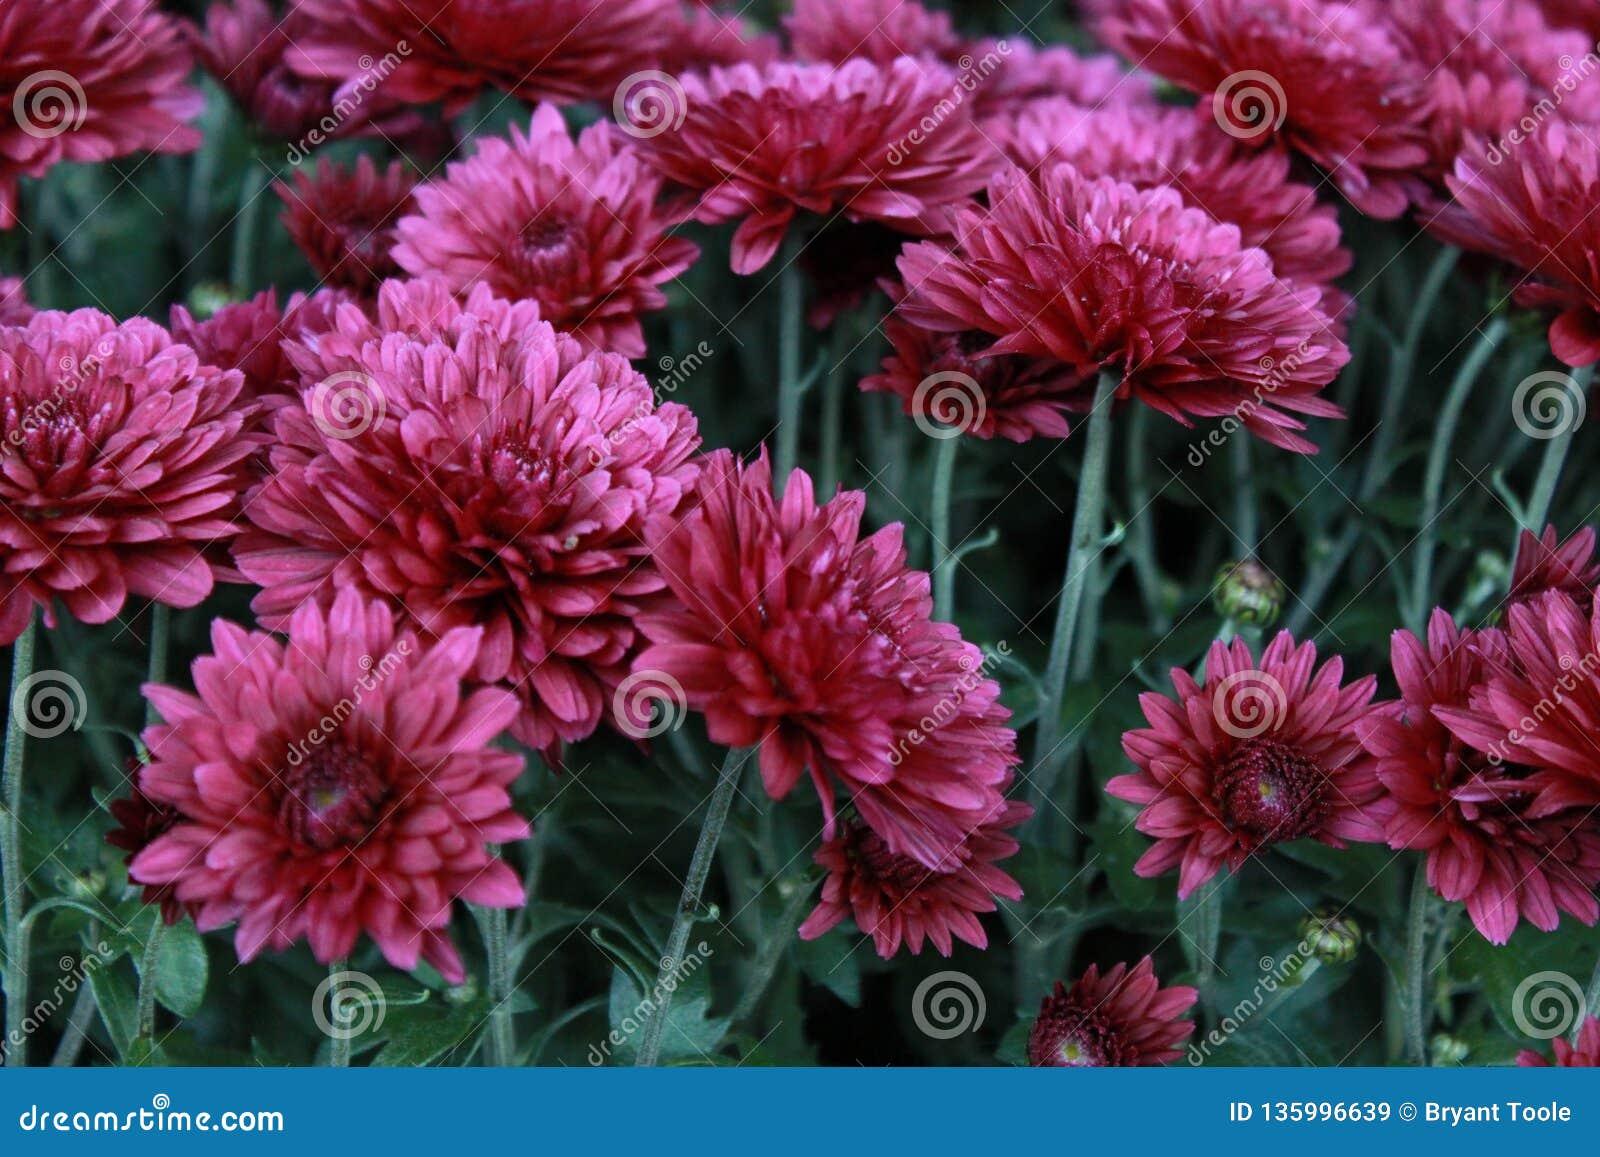 Fleurs d'avril image stock. Image du fleurs, rose, avril ...